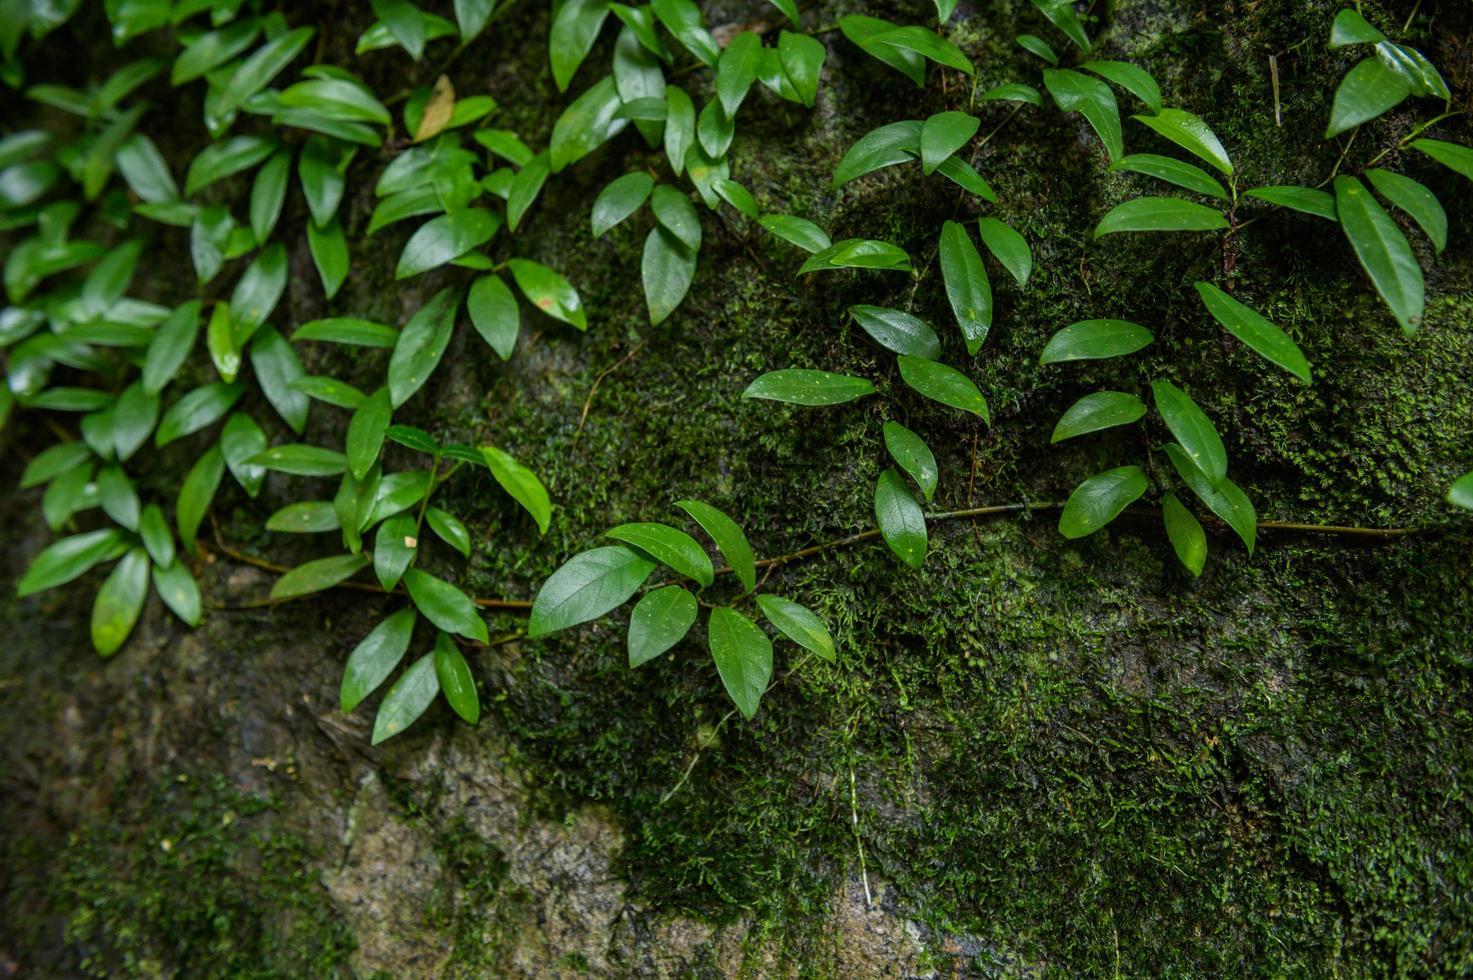 kleine grüne Bäume, die den Boden bedecken foto